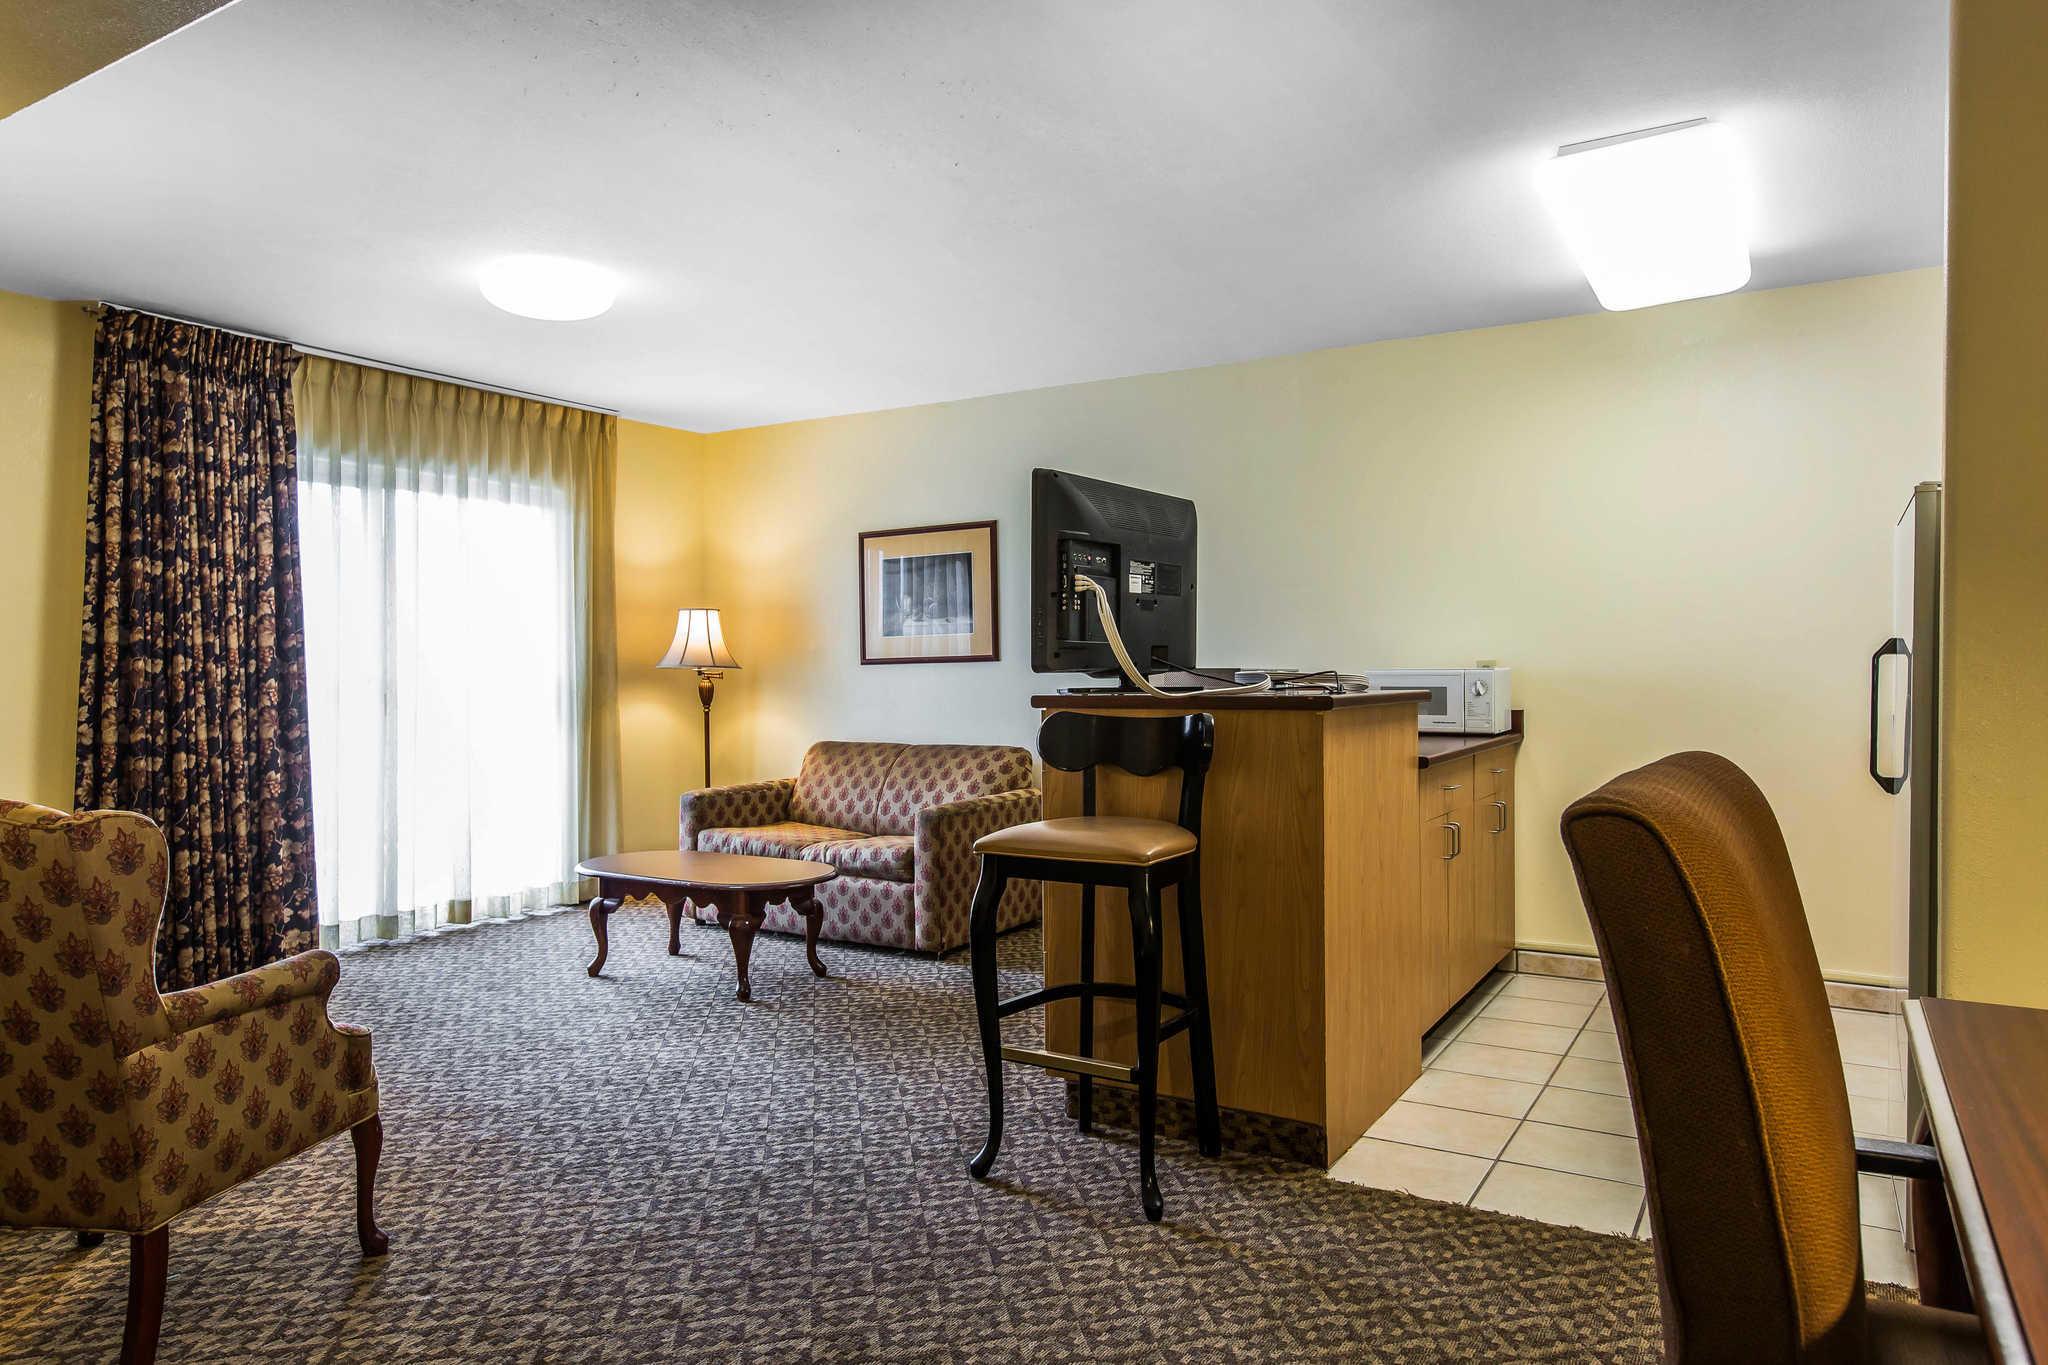 Comfort Inn & Suites El Centro I-8 image 26